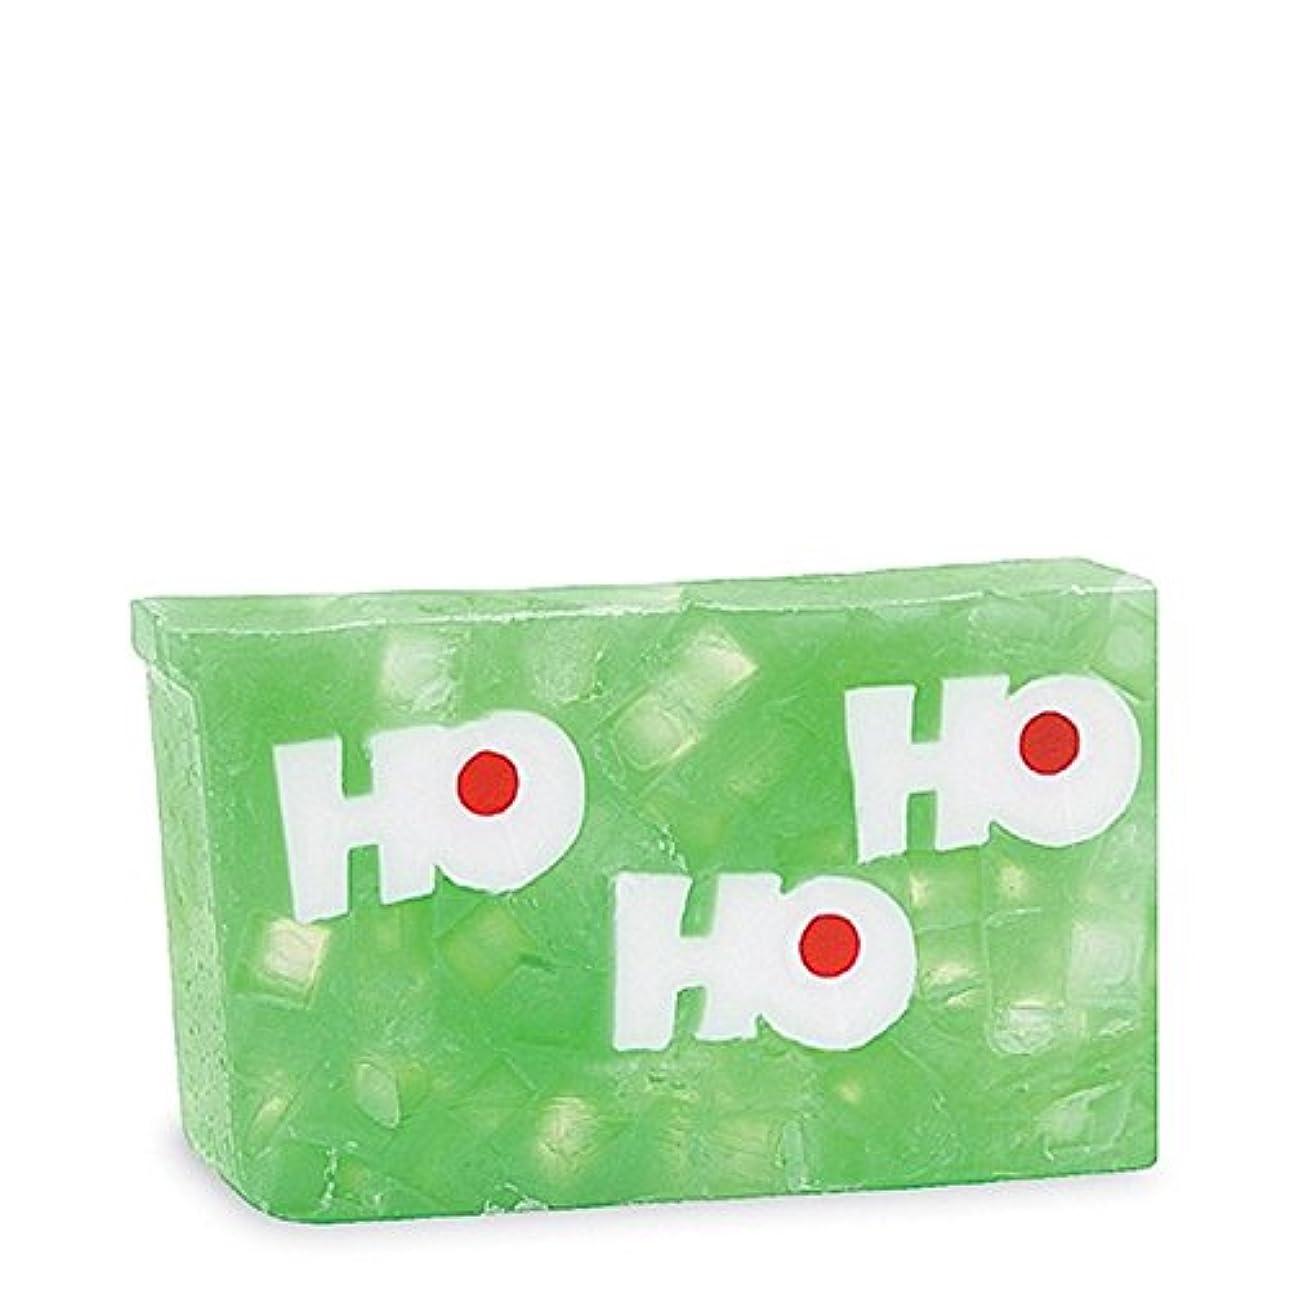 Primal Elements Ho Ho Ho Soap - 原初の要素ホーホーホ石鹸 [並行輸入品]